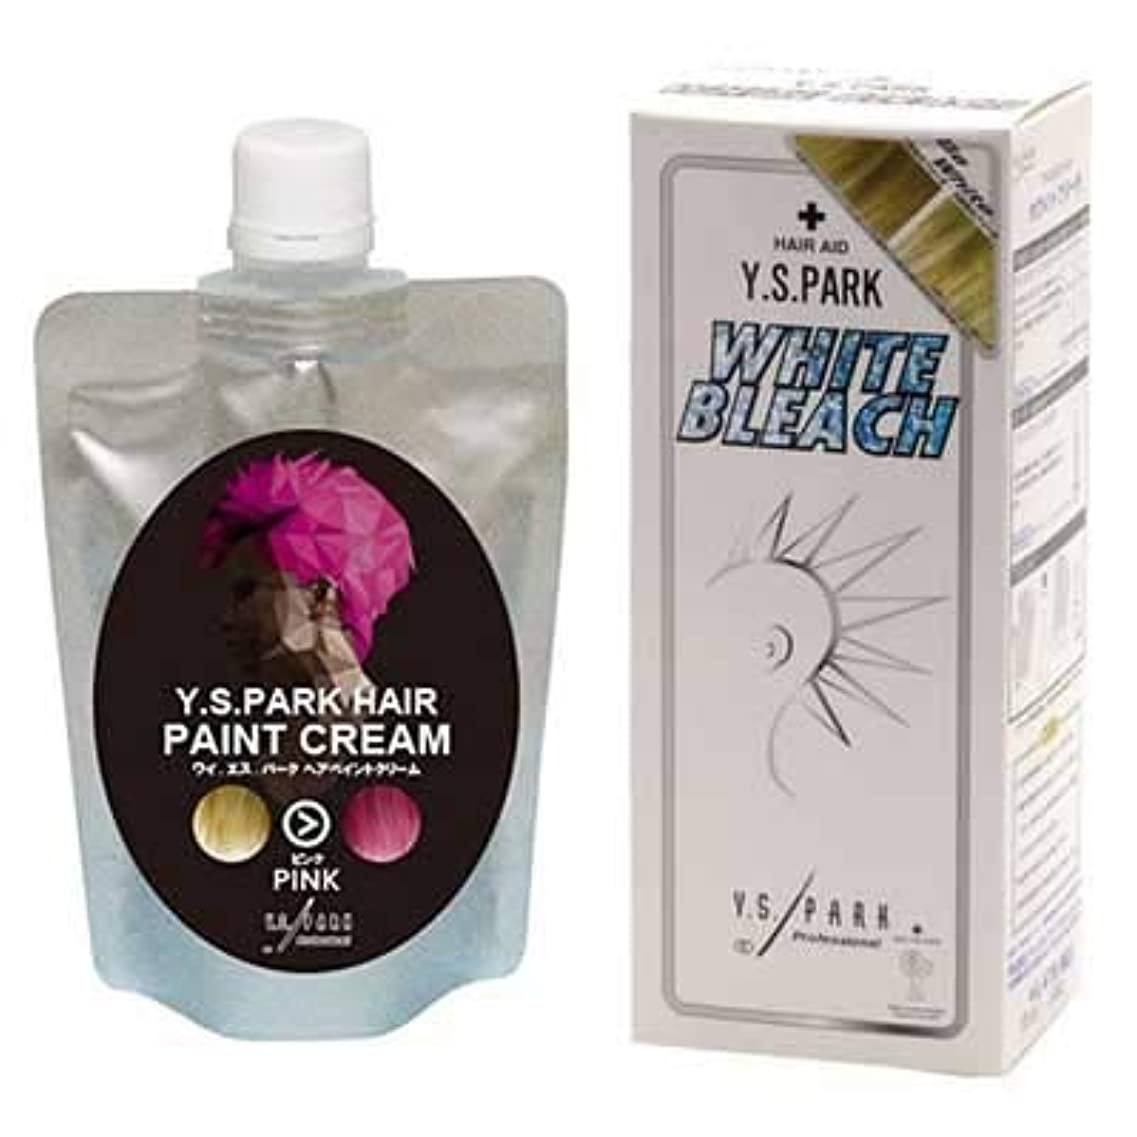 罪人伝染性閉じるY.S.PARK ヘアペイントクリーム ピンク 200g & Y.S.PARKホワイトブリーチセット